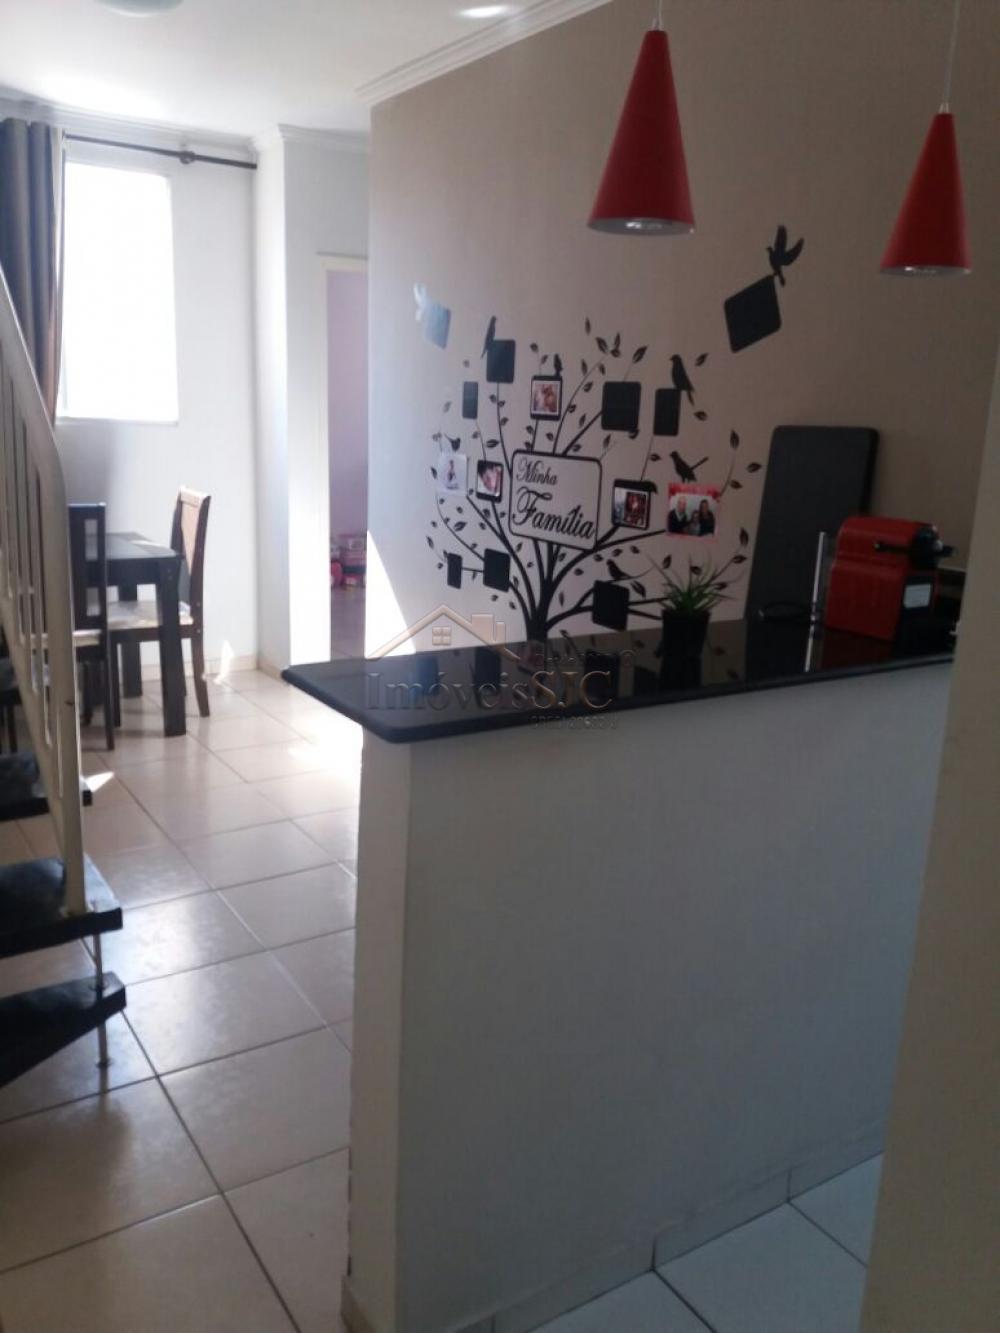 Comprar Apartamentos / Padrão em Jacareí apenas R$ 275.000,00 - Foto 5